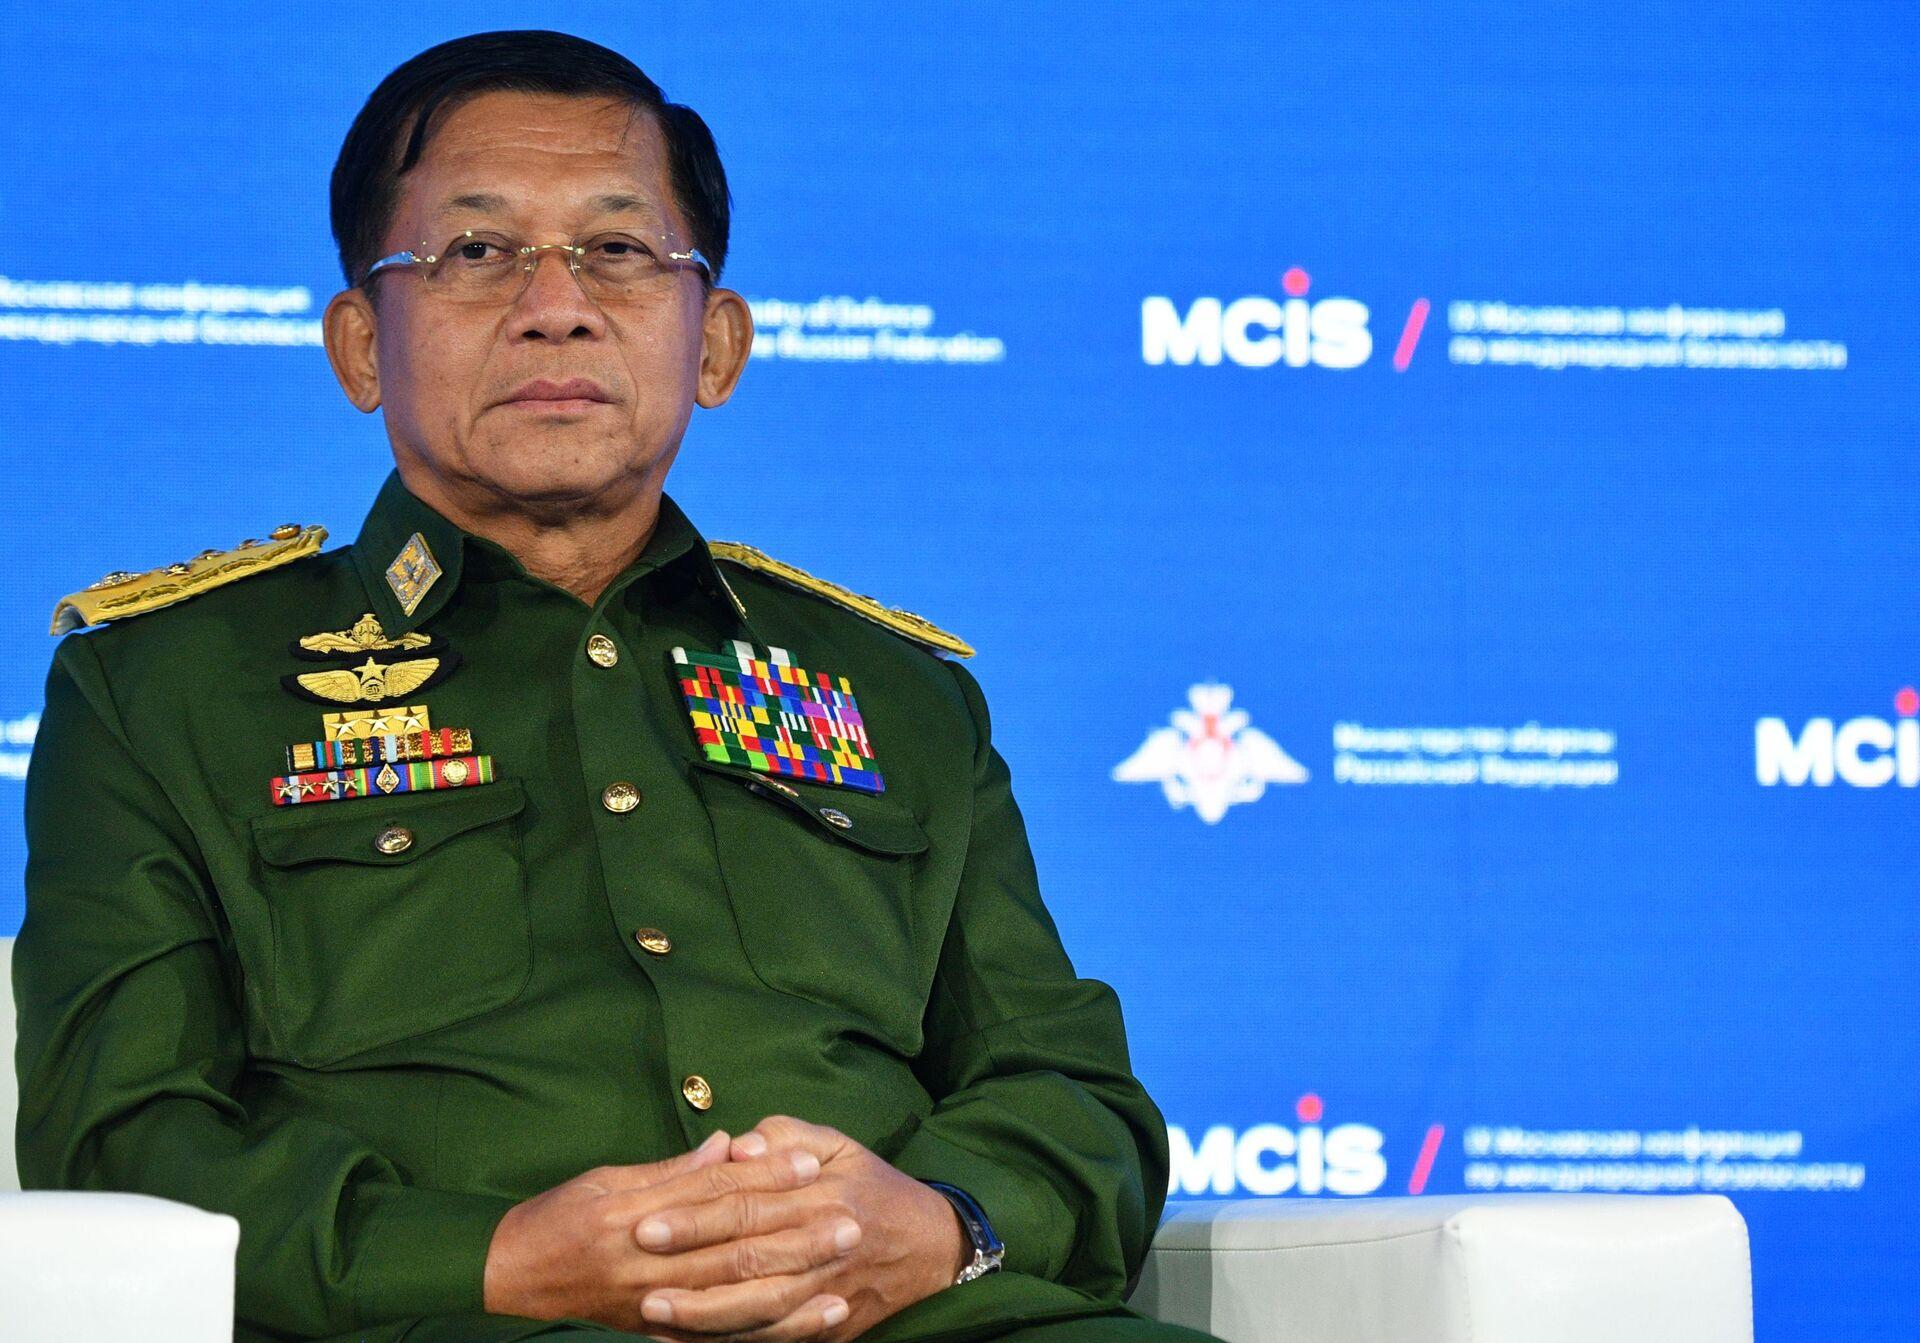 Thống tướng Min Aung Hlaing: Myanmar không phải là một quốc gia khép kín và sẽ không bao giờ tách mình ra khỏi thế giới - Sputnik Việt Nam, 1920, 28.06.2021